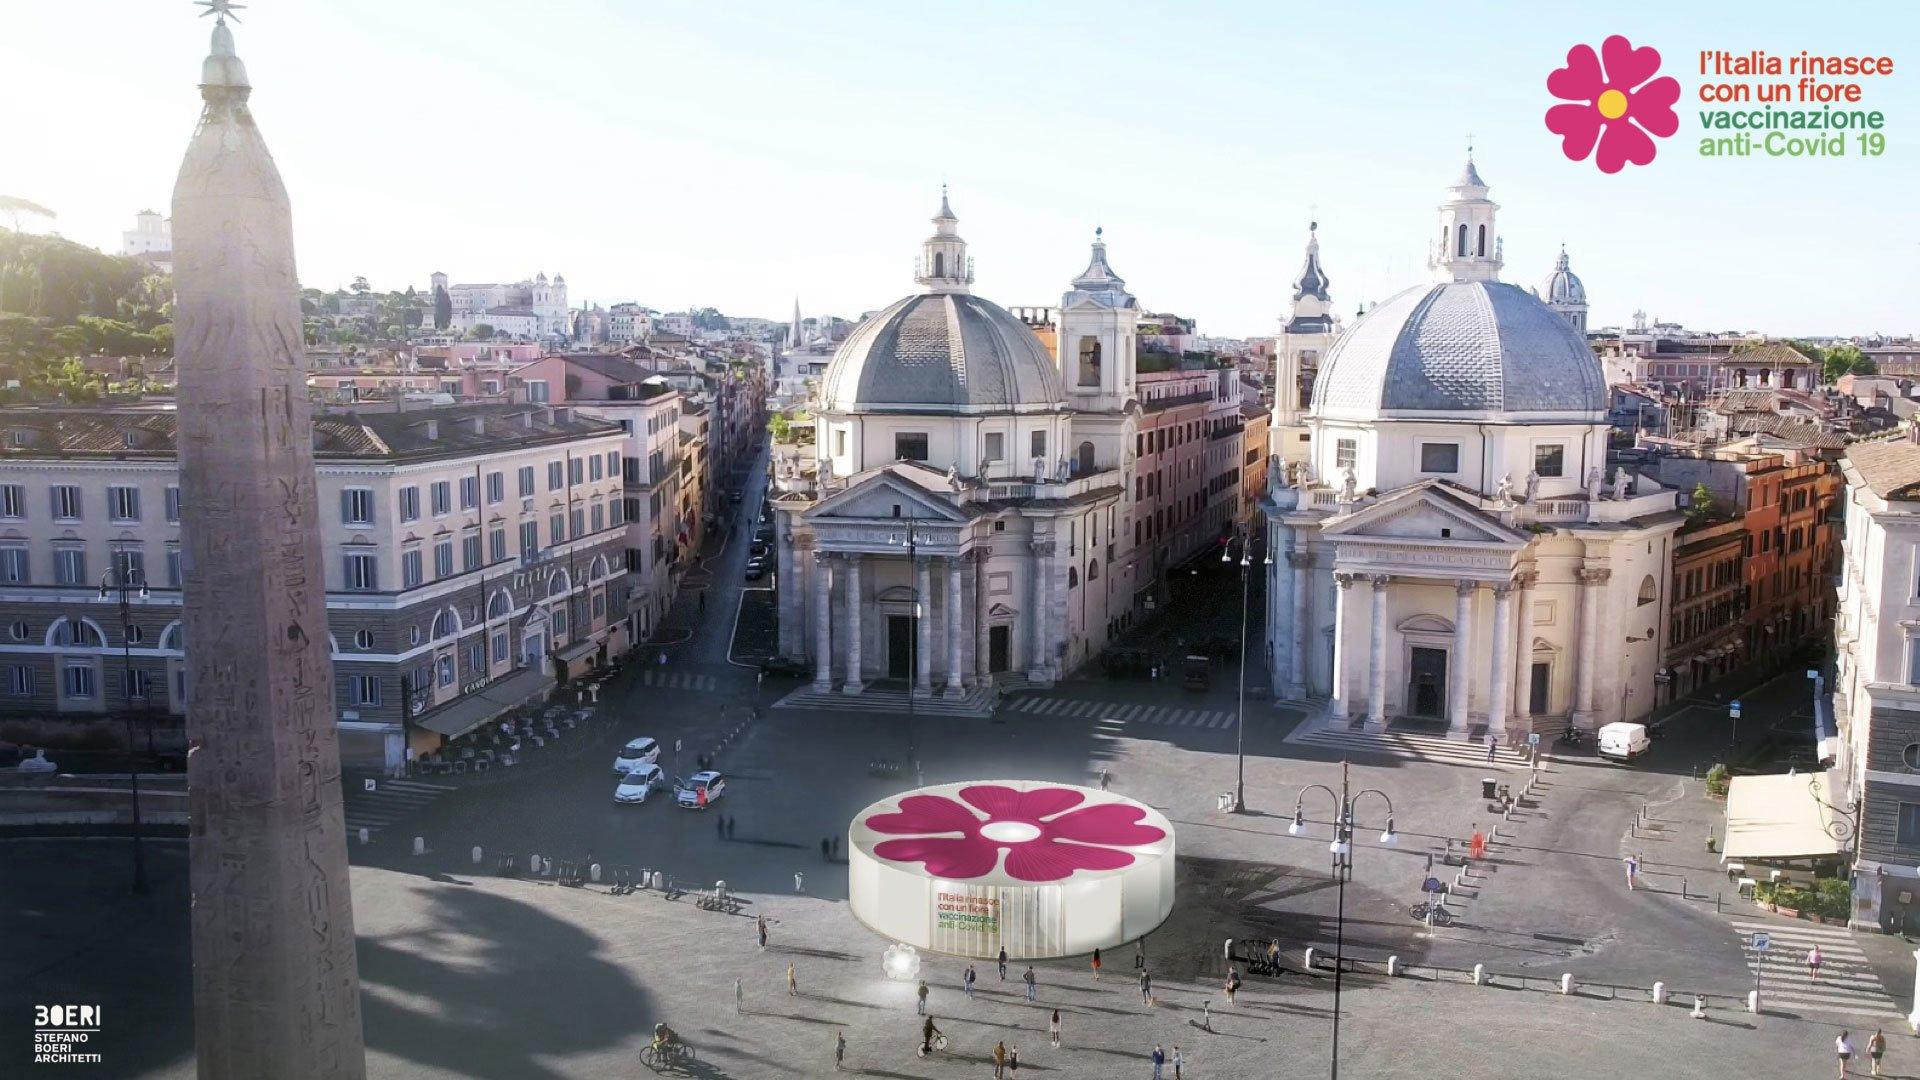 Stefano Boeris Impfpavillons für Italien